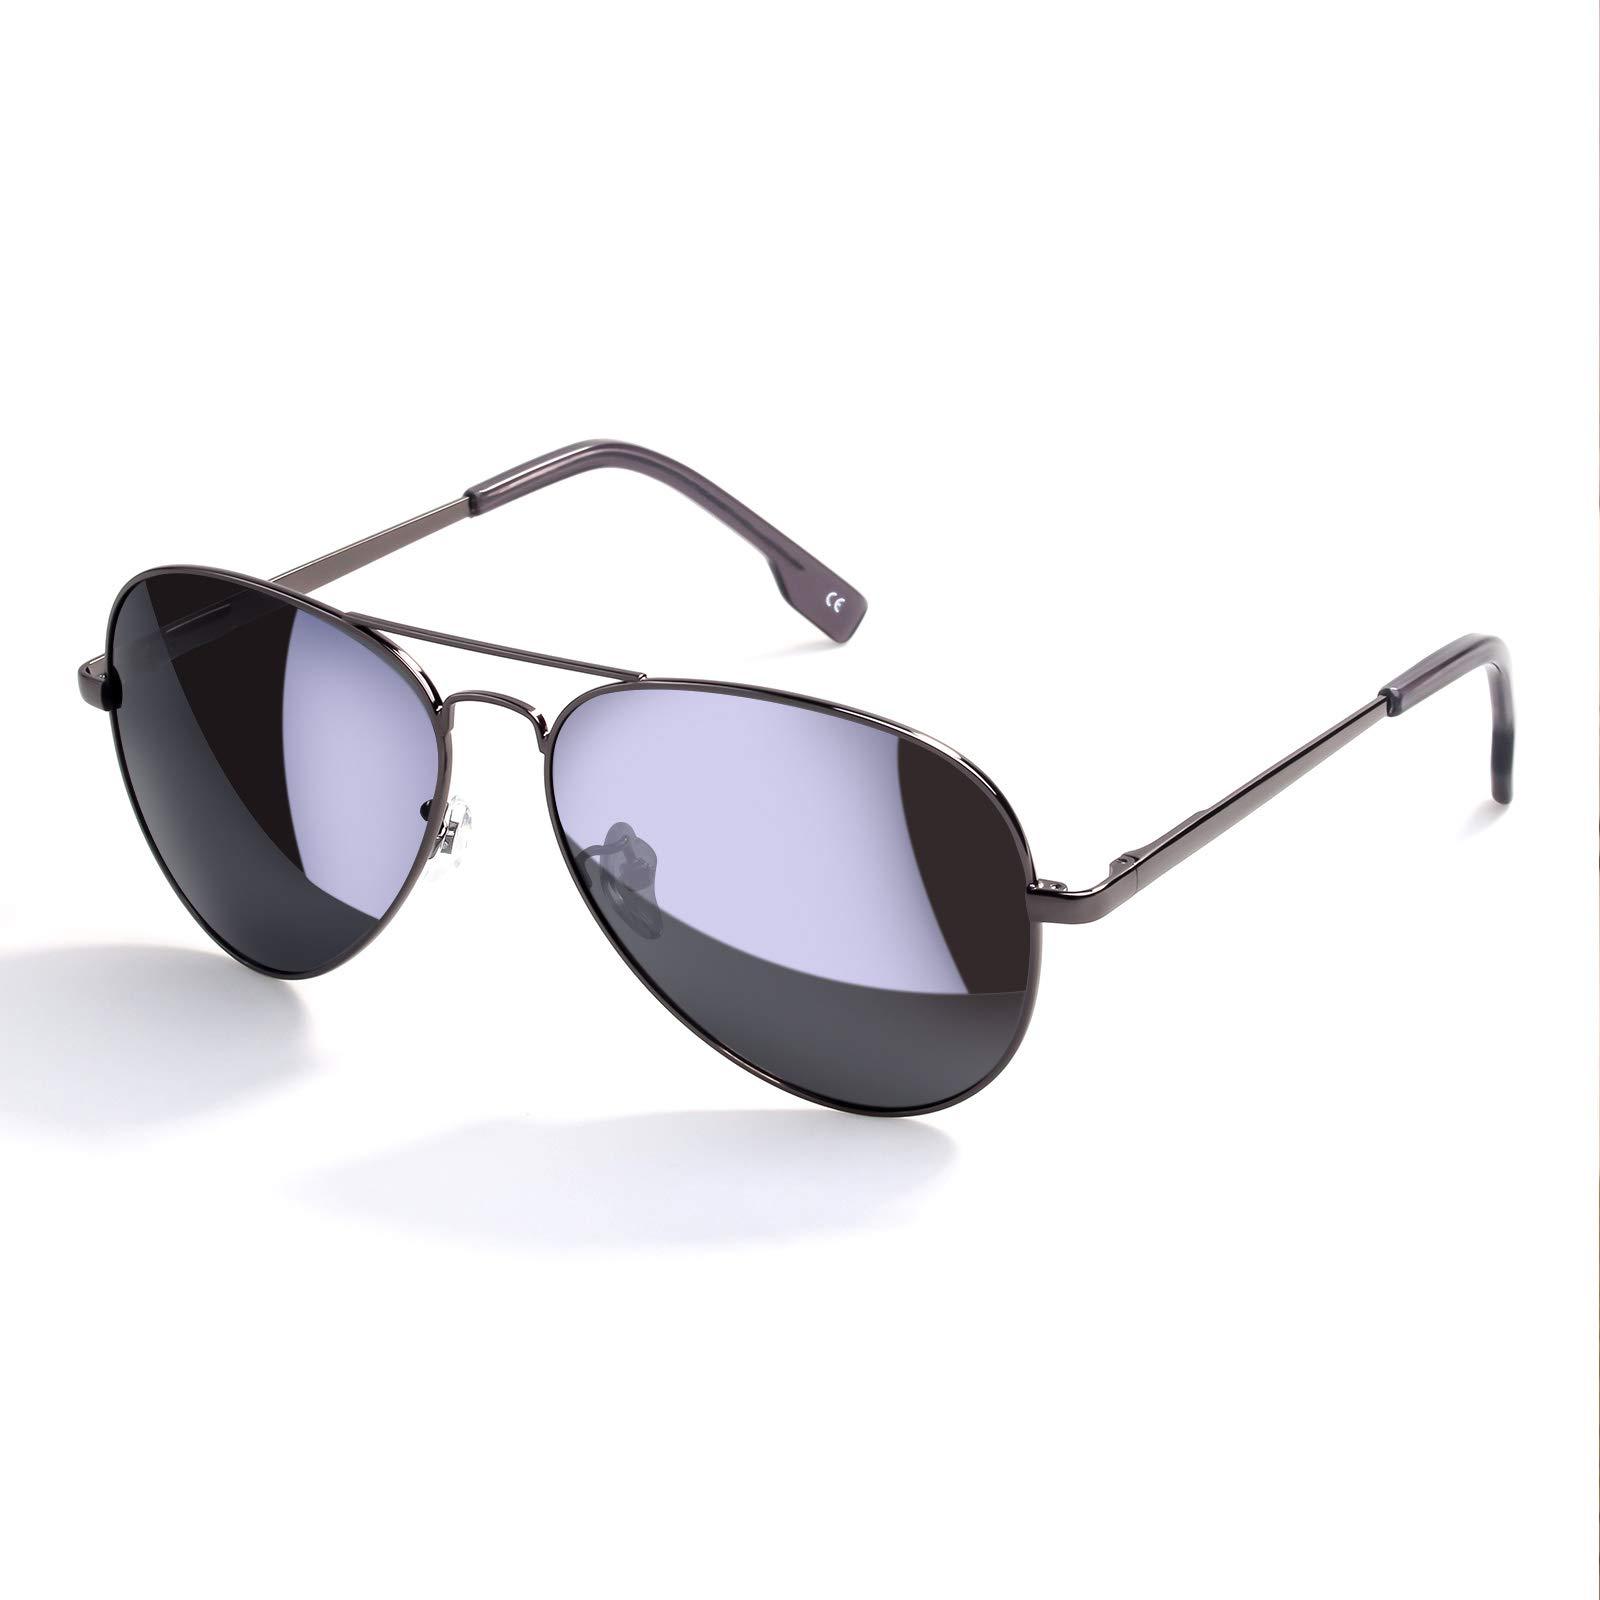 8327e12b4b Amazon.com  Mens Black Sunglasses Aviator